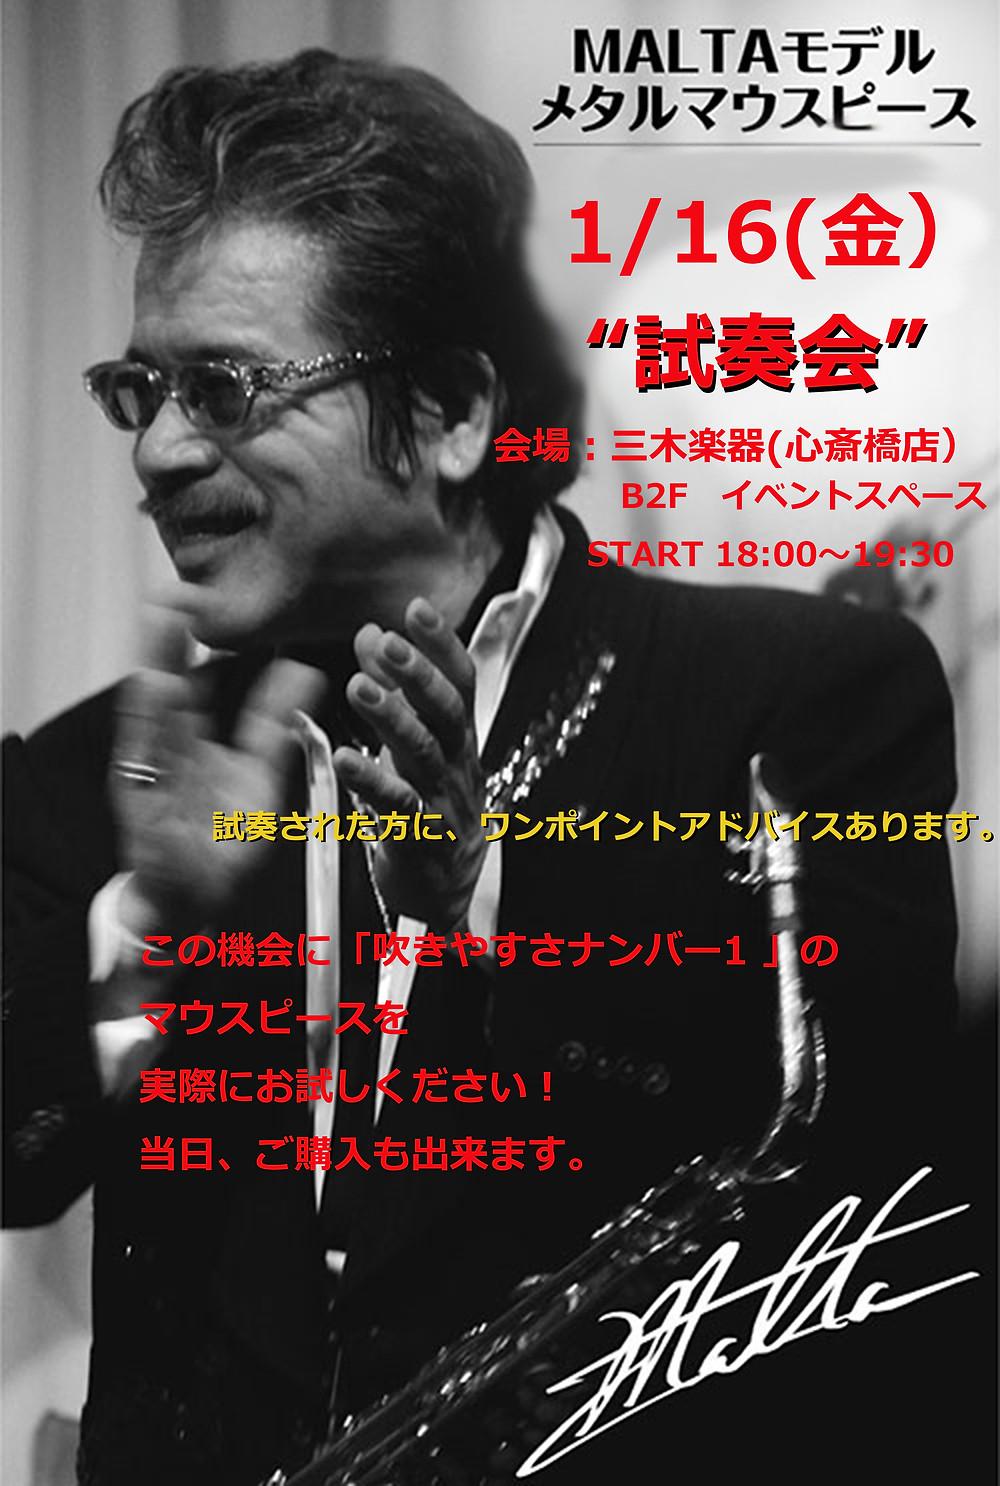 1月16日マッピ試奏会MALTA.jpg